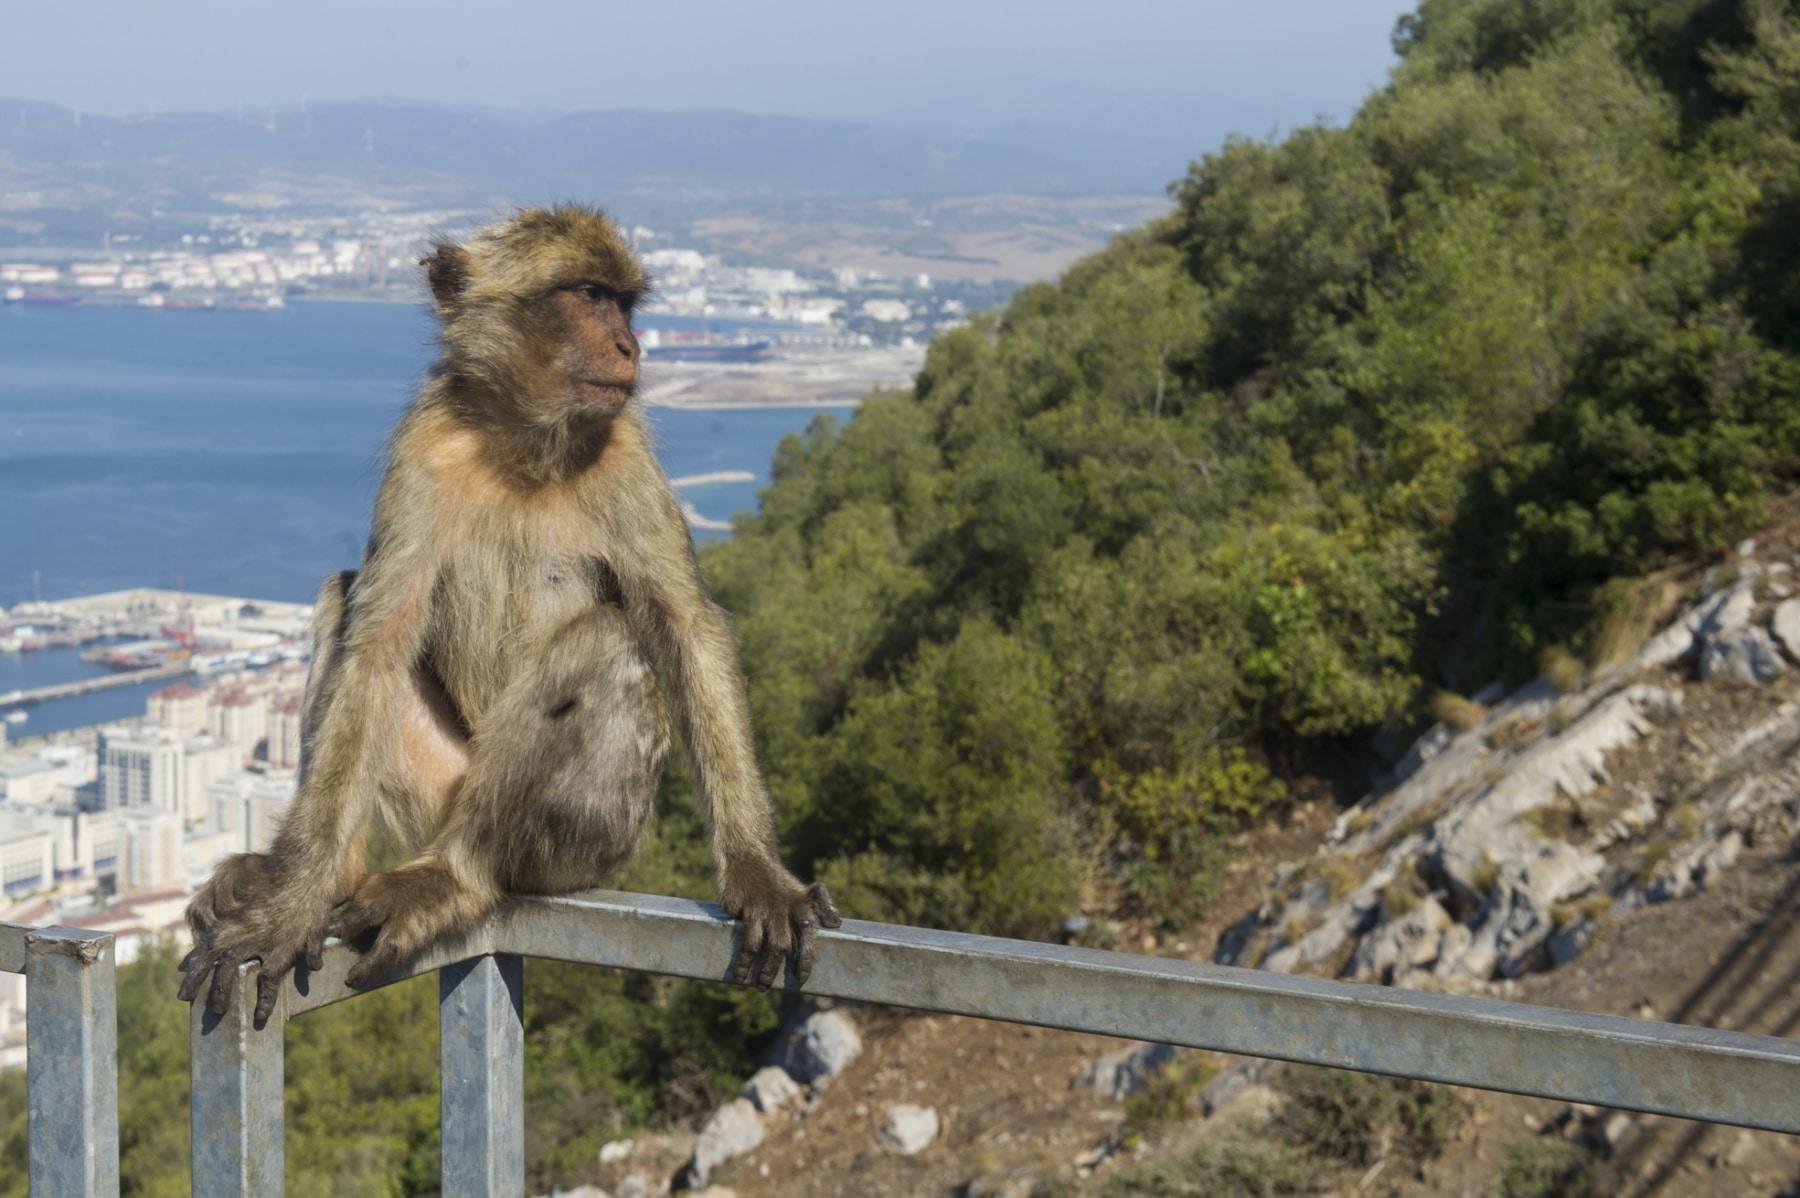 turismo-en-gibraltar-092015-233_22731785792_o